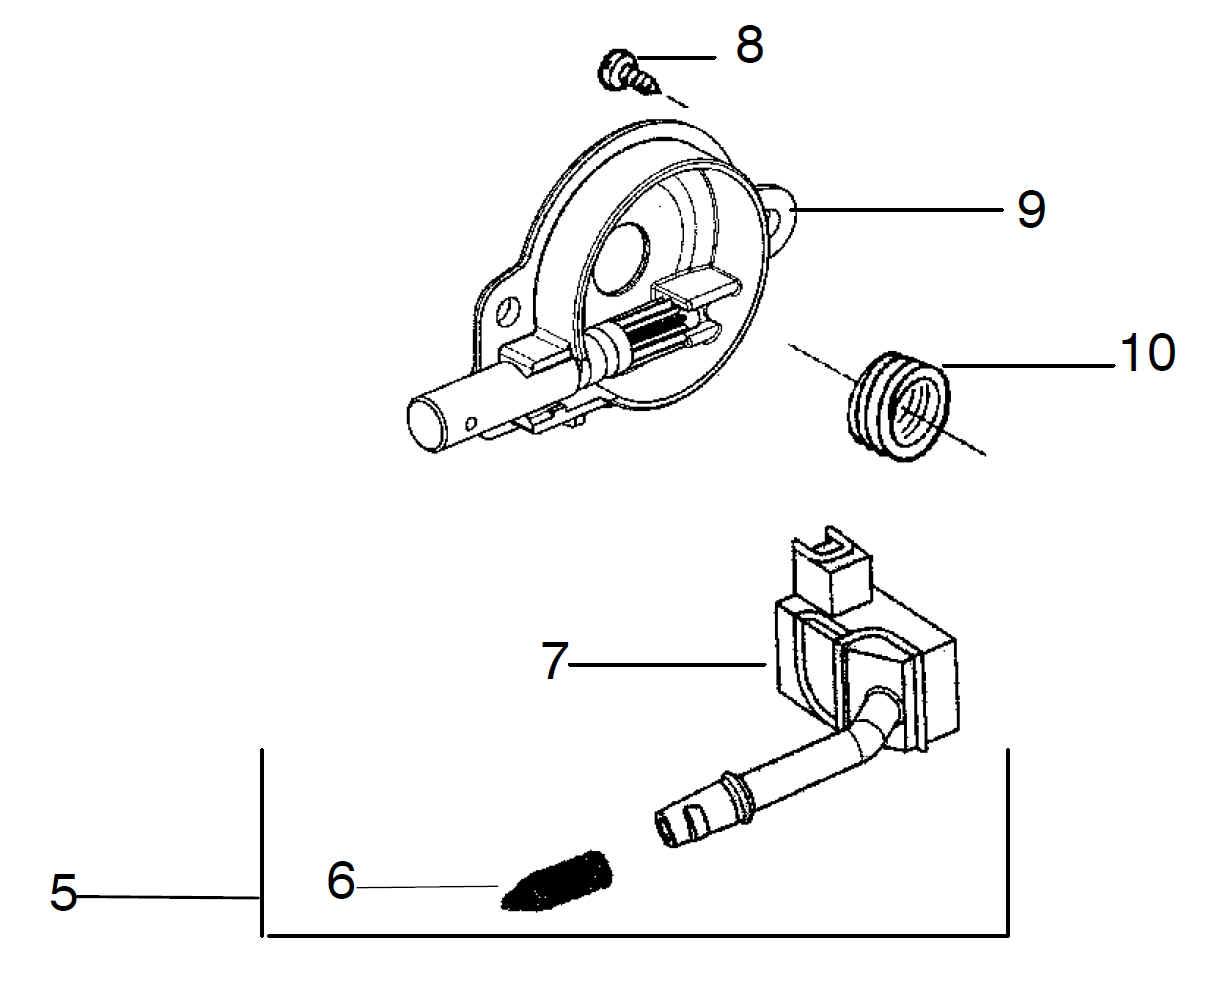 Замена поршневой хускварна 137 - подробная инструкция со схемами